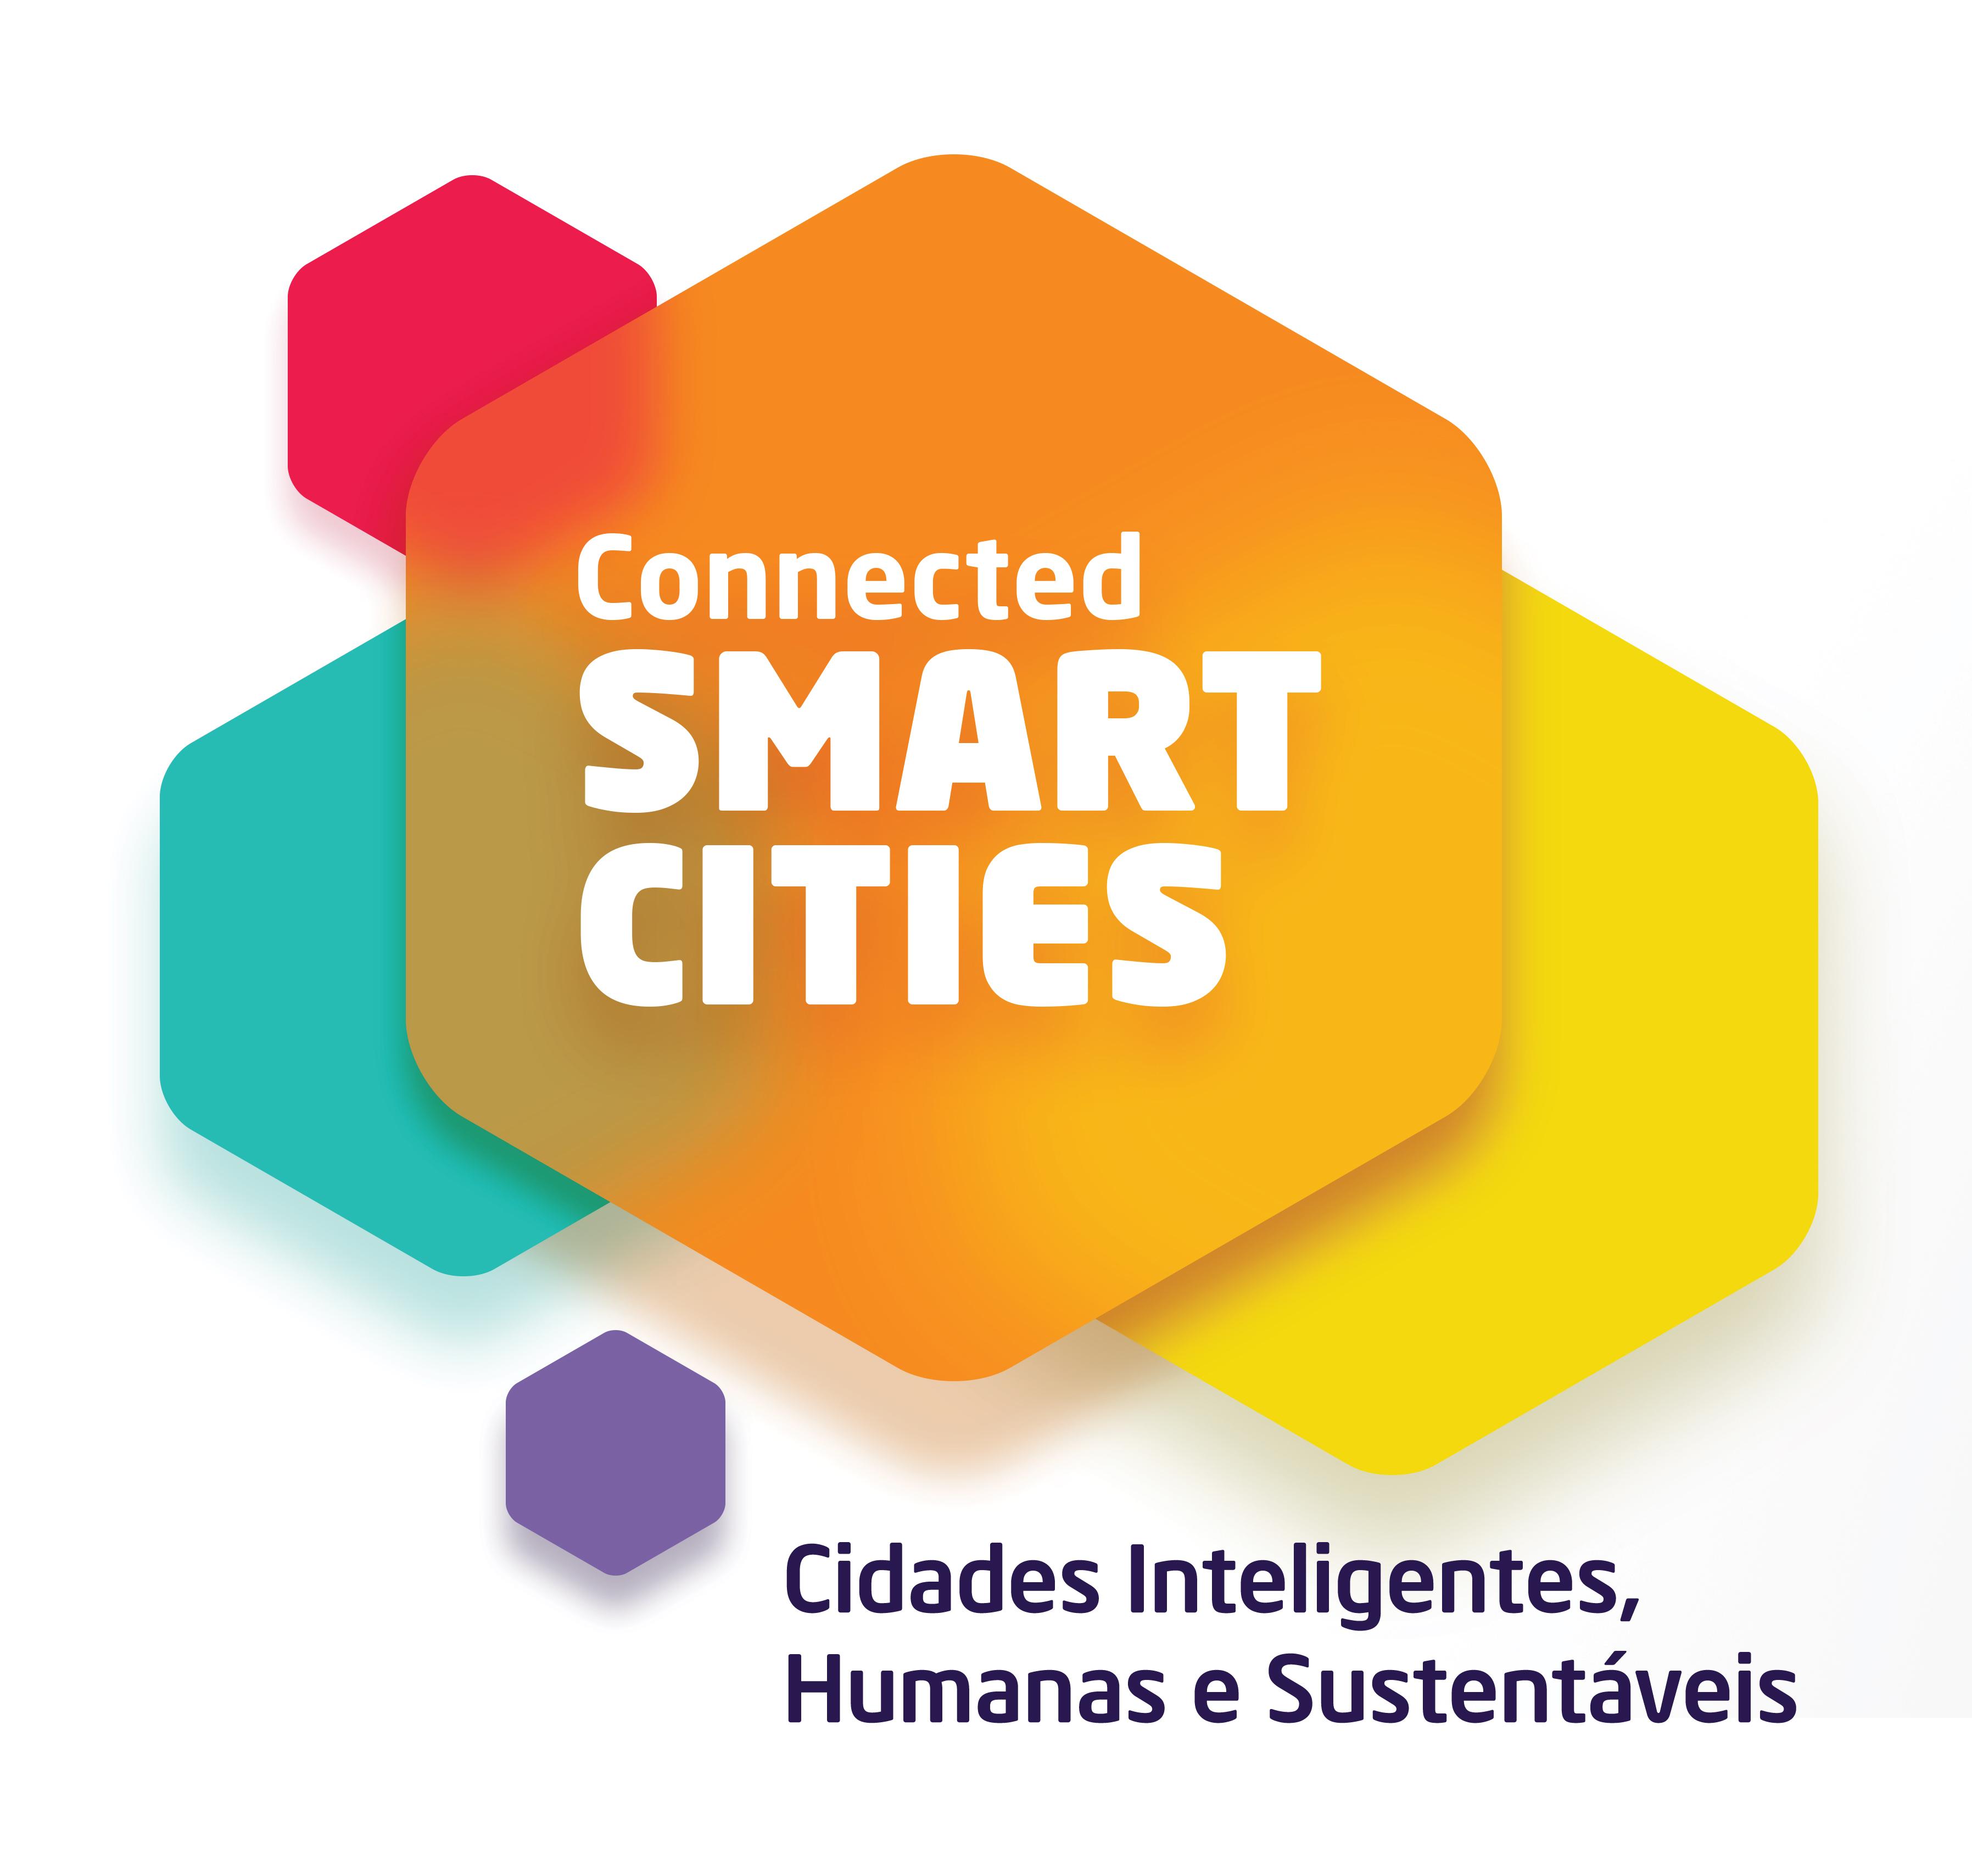 Cidades Inteligentes, Humanas e Sustentáveis - Connected Smart Cities